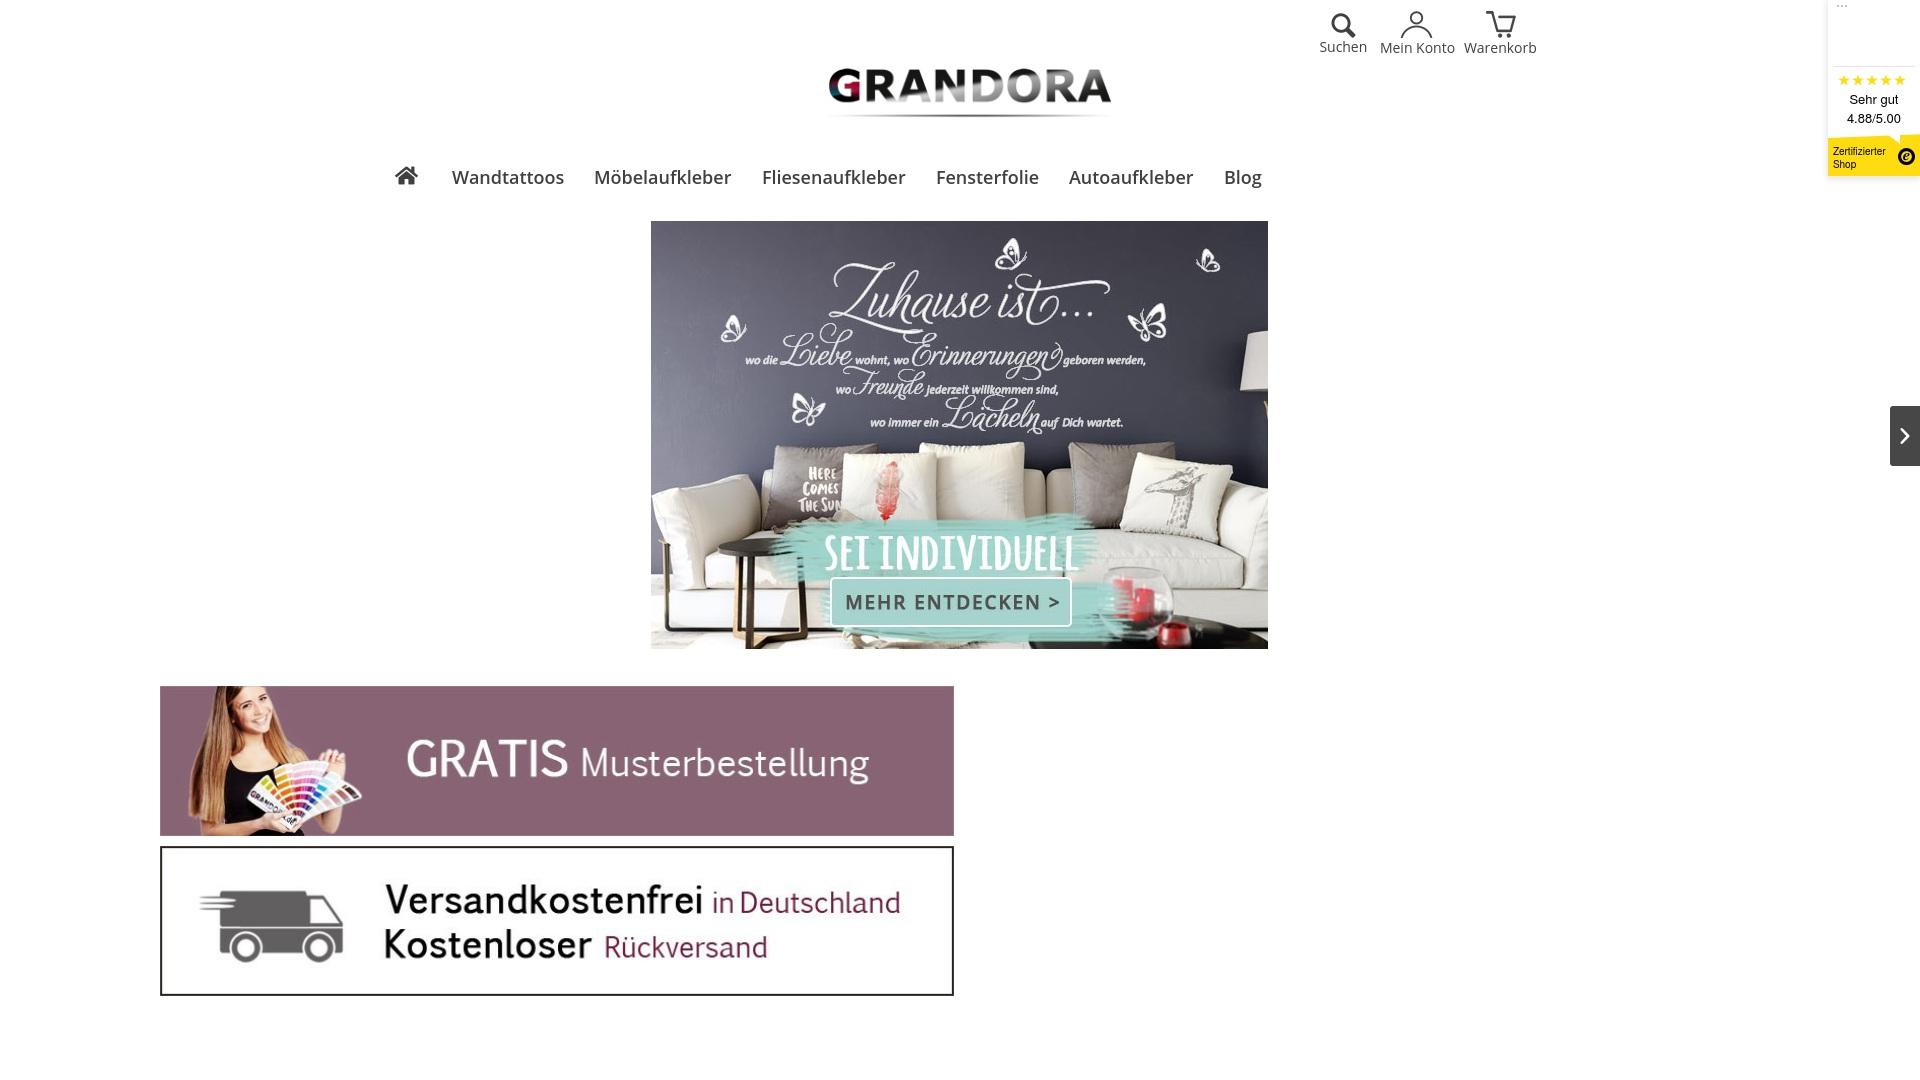 Gutschein für Grandora: Rabatte für  Grandora sichern